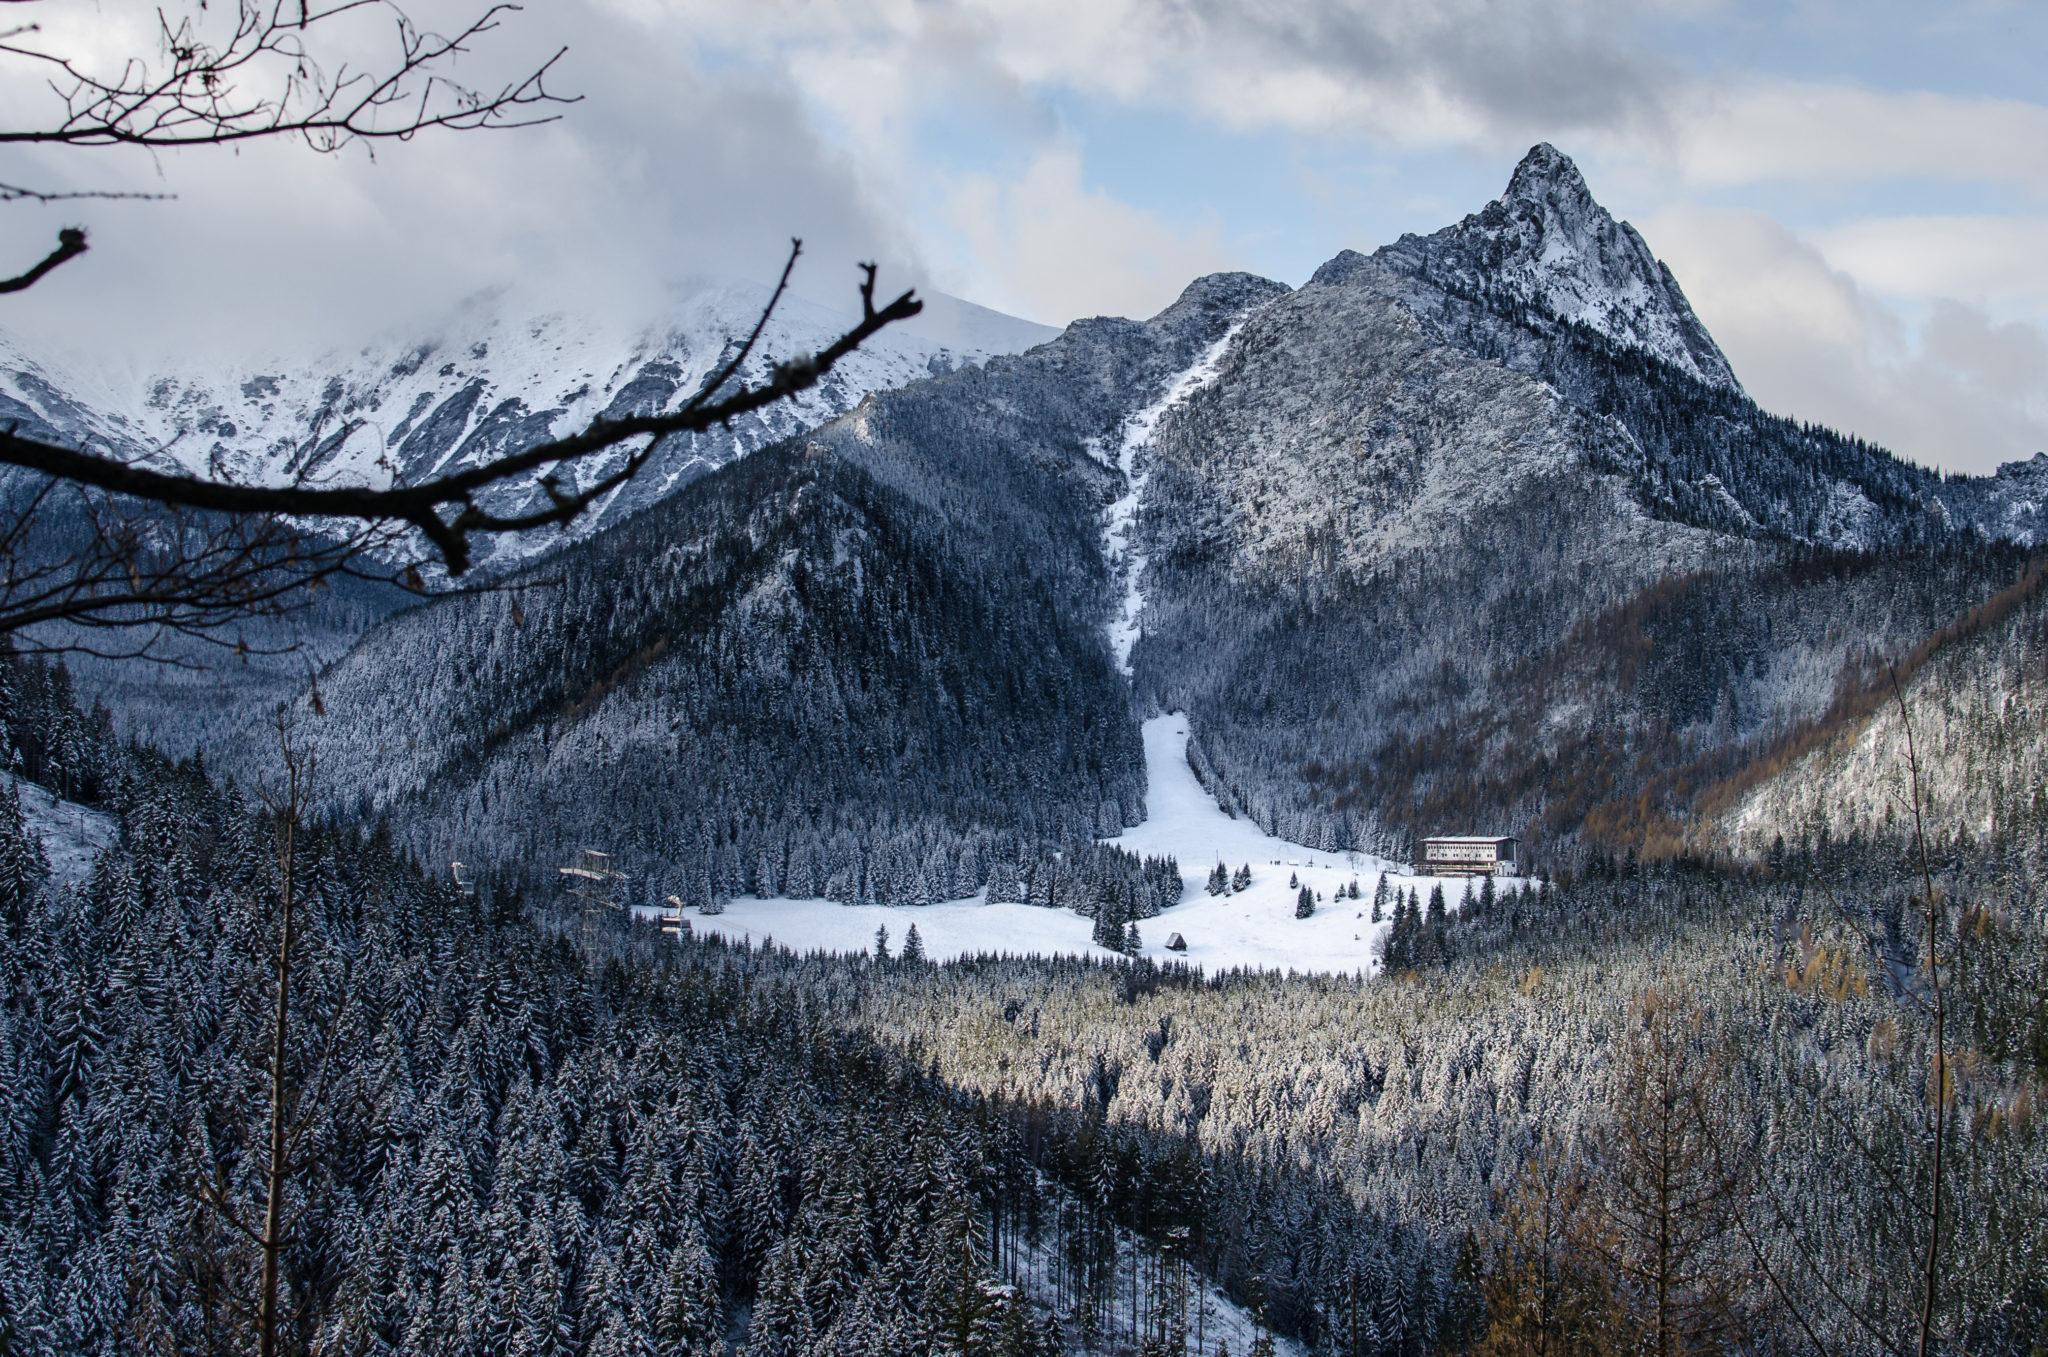 Schronisko na polanie stoi pod zboczem góry